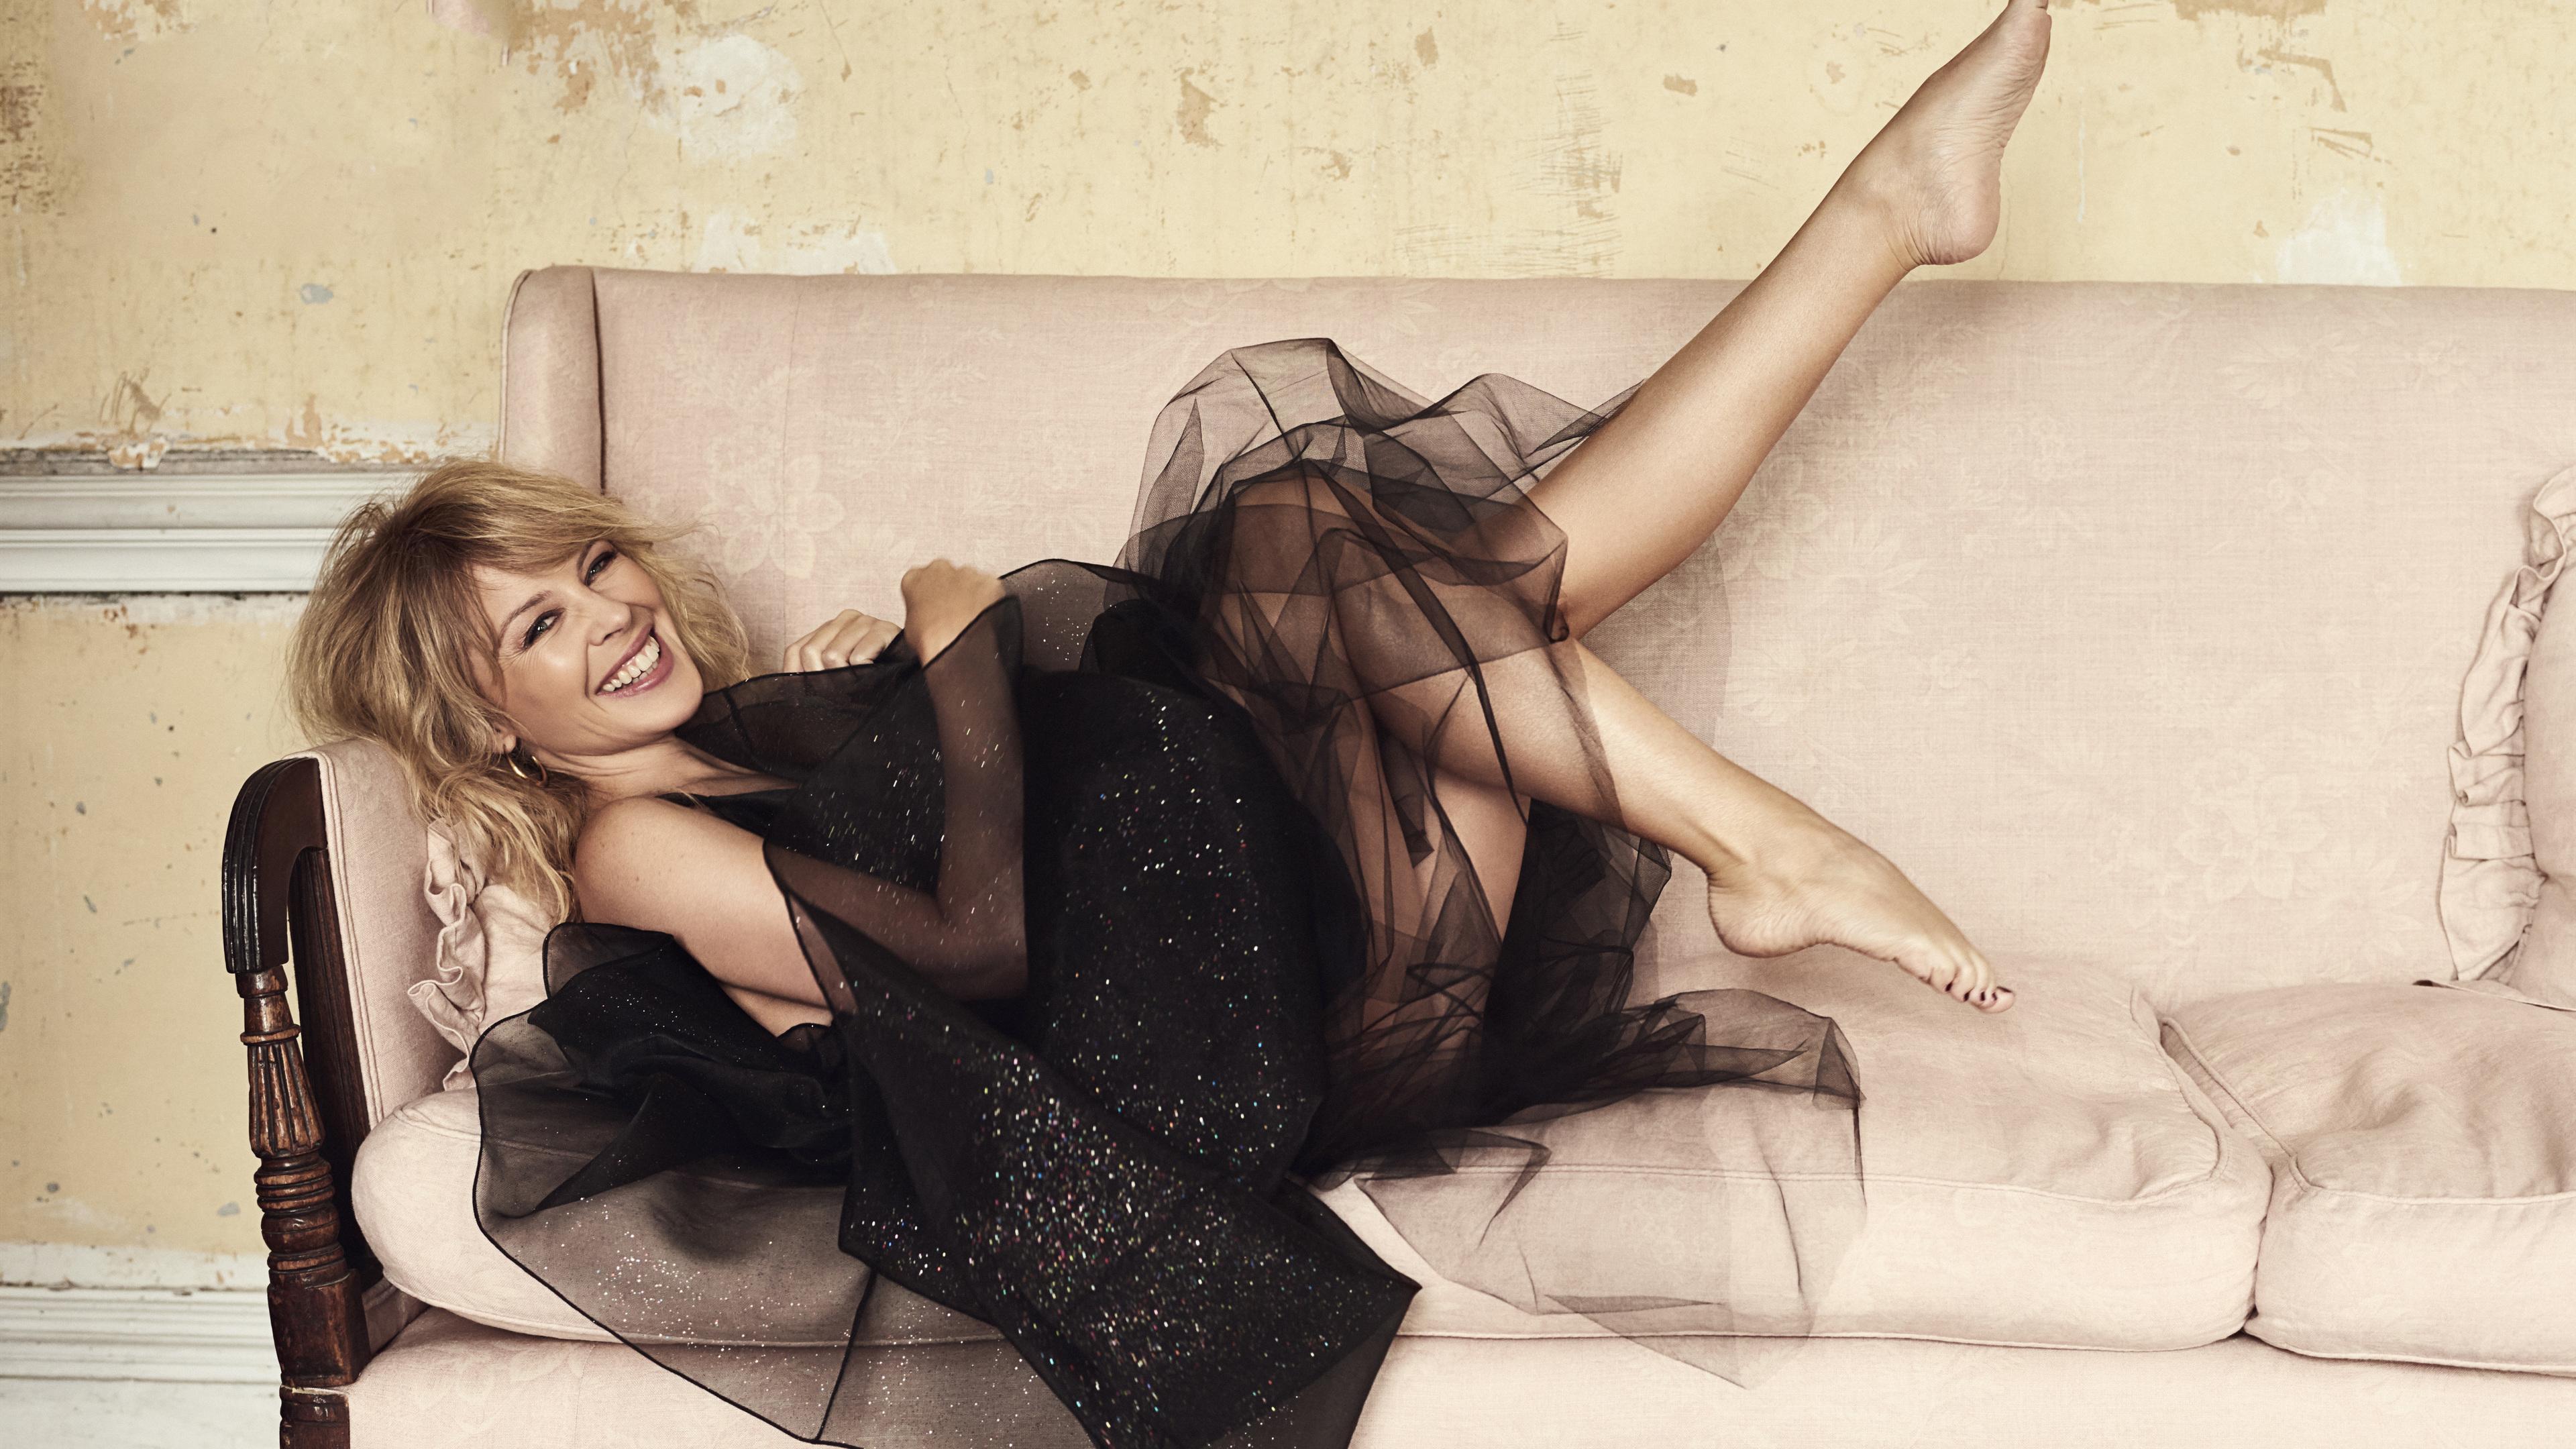 kylie minogue 8k 1536944645 - Kylie Minogue 8k - women wallpapers, music wallpapers, kylie minogue wallpapers, hd-wallpapers, girls wallpapers, celebrities wallpapers, 8k wallpapers, 5k wallpapers, 4k-wallpapers